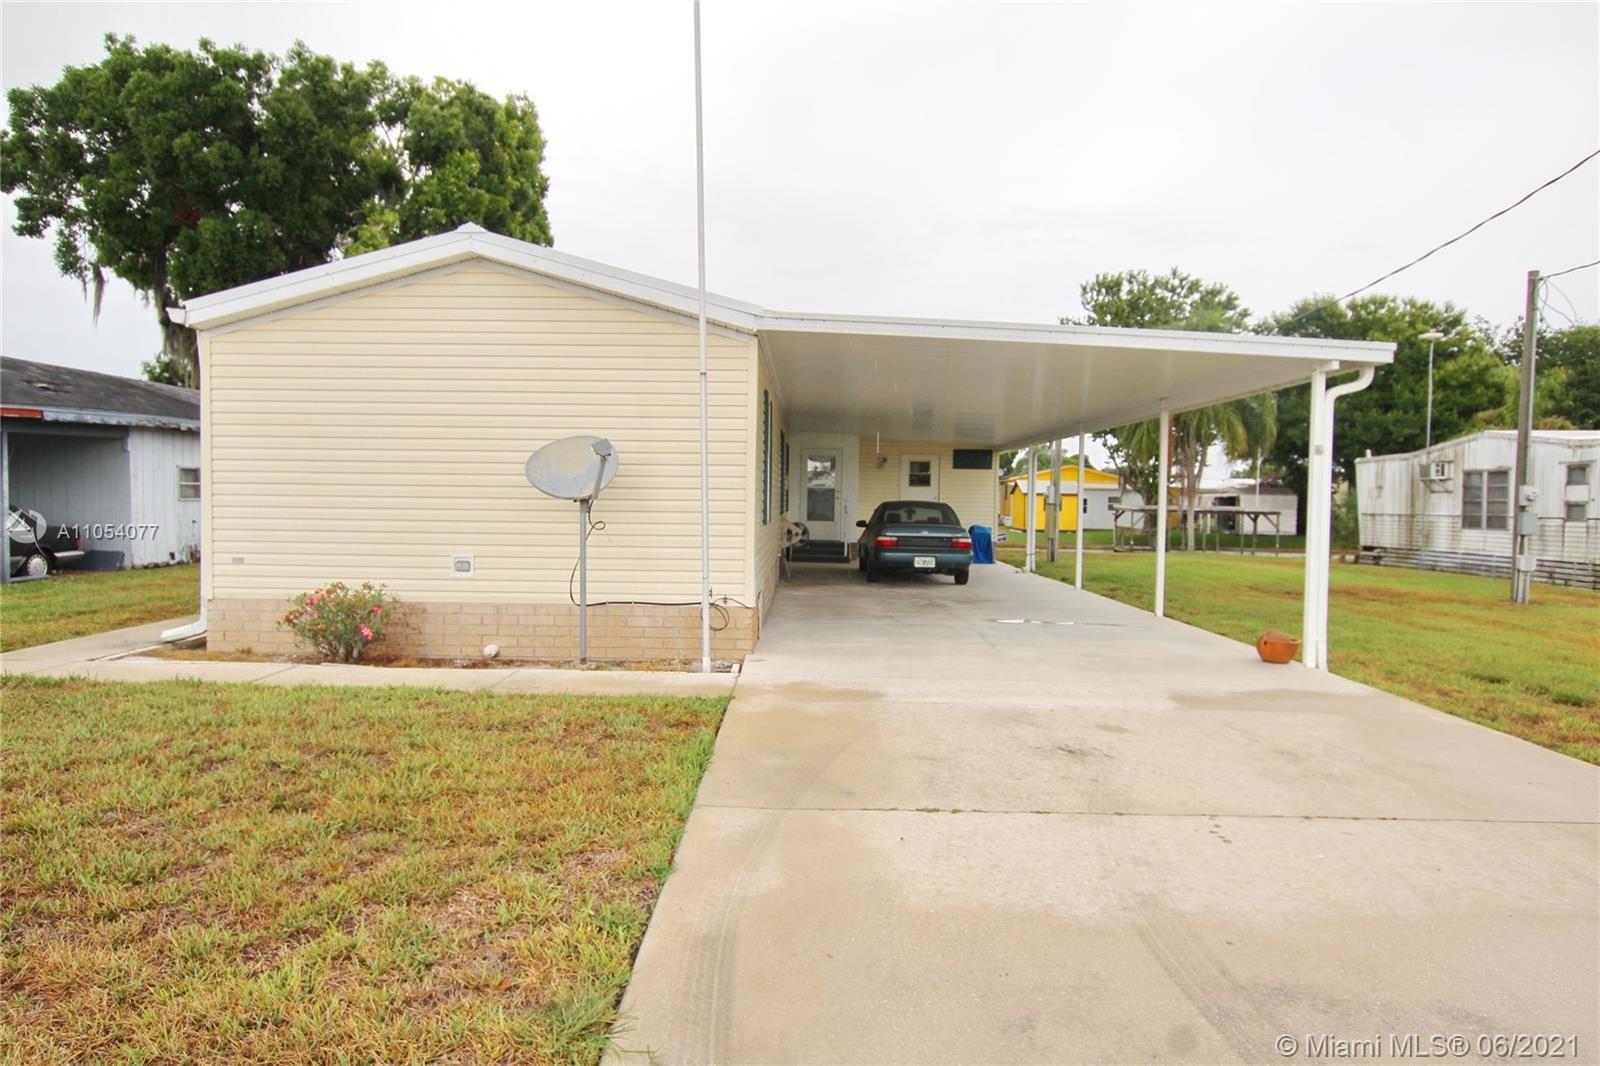 1039 Lime Street, Okeechobee, FL 34974 - #: A11054077